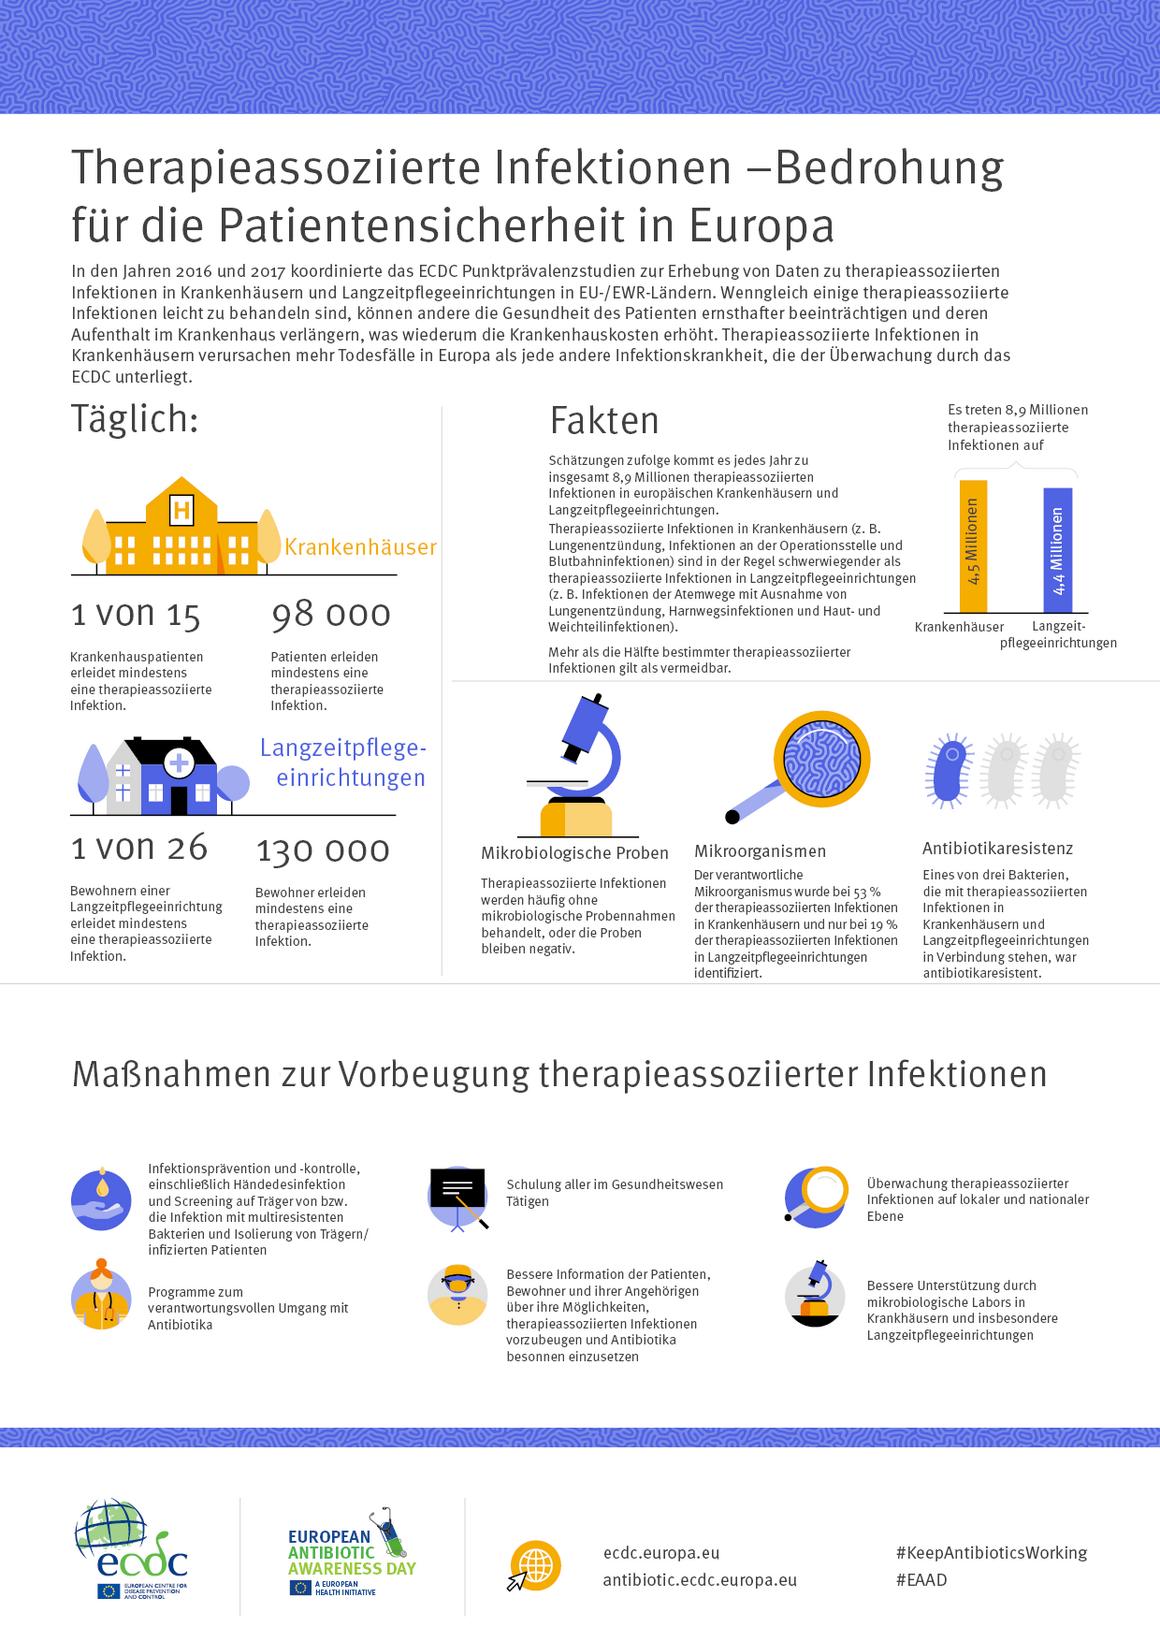 Therapieassoziierte Infektionen – Bedrohung für die Patientensicherheit in Europa